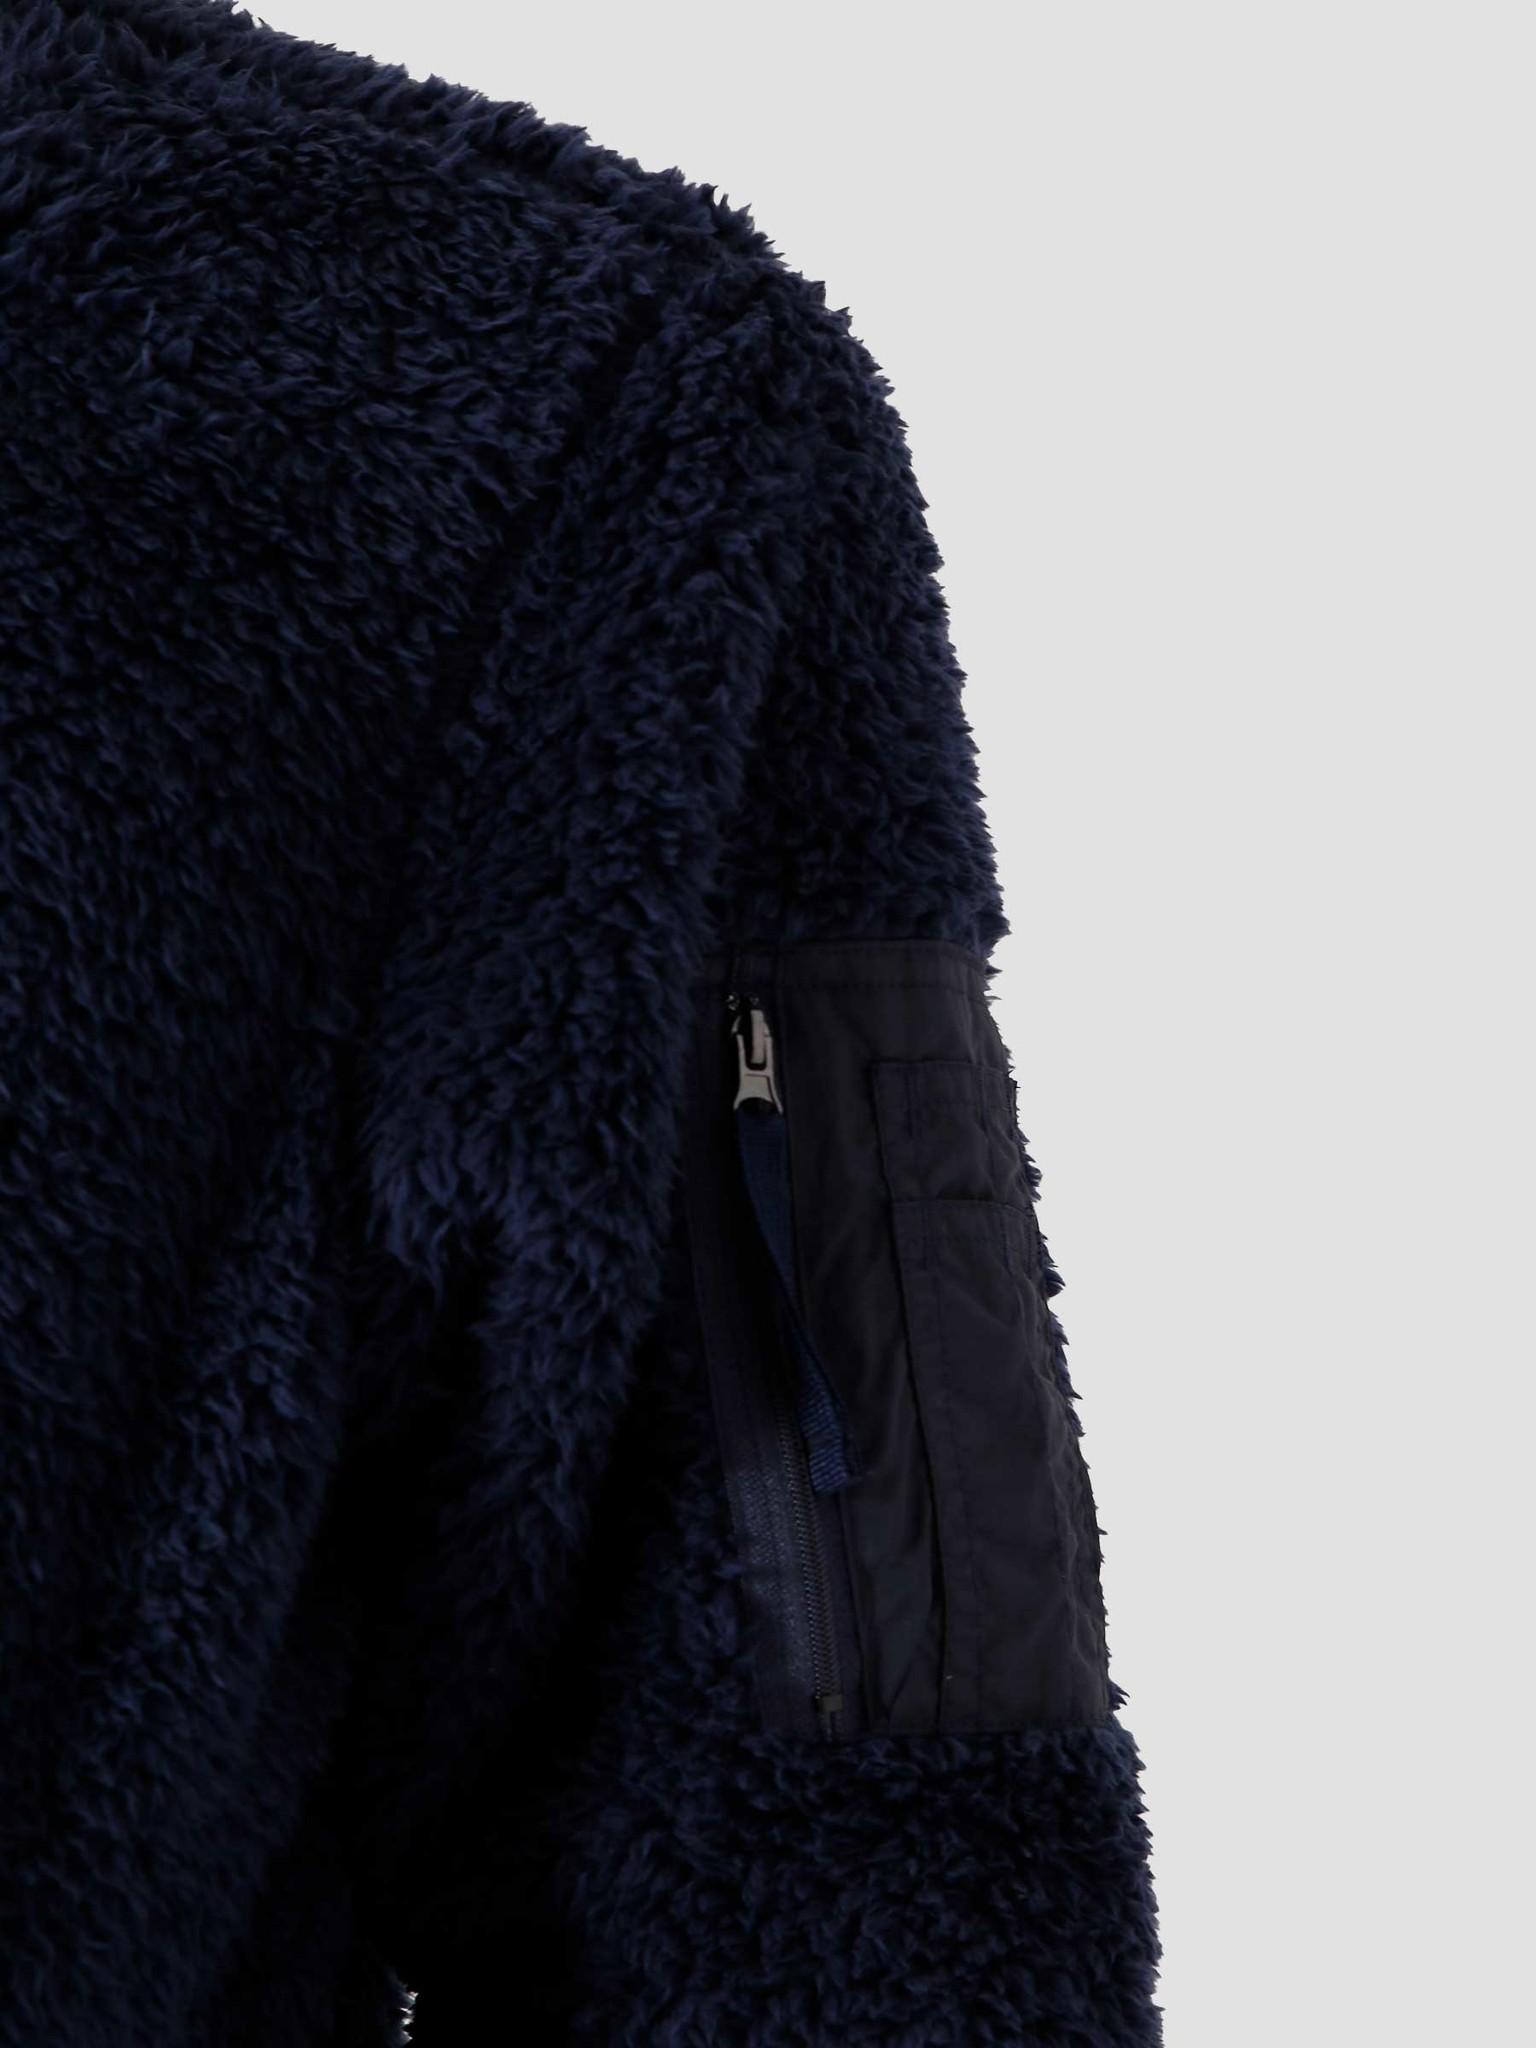 Polo Ralph Lauren Polo Ralph Lauren Lscnm1 Knit Cruise Navy 710824515005